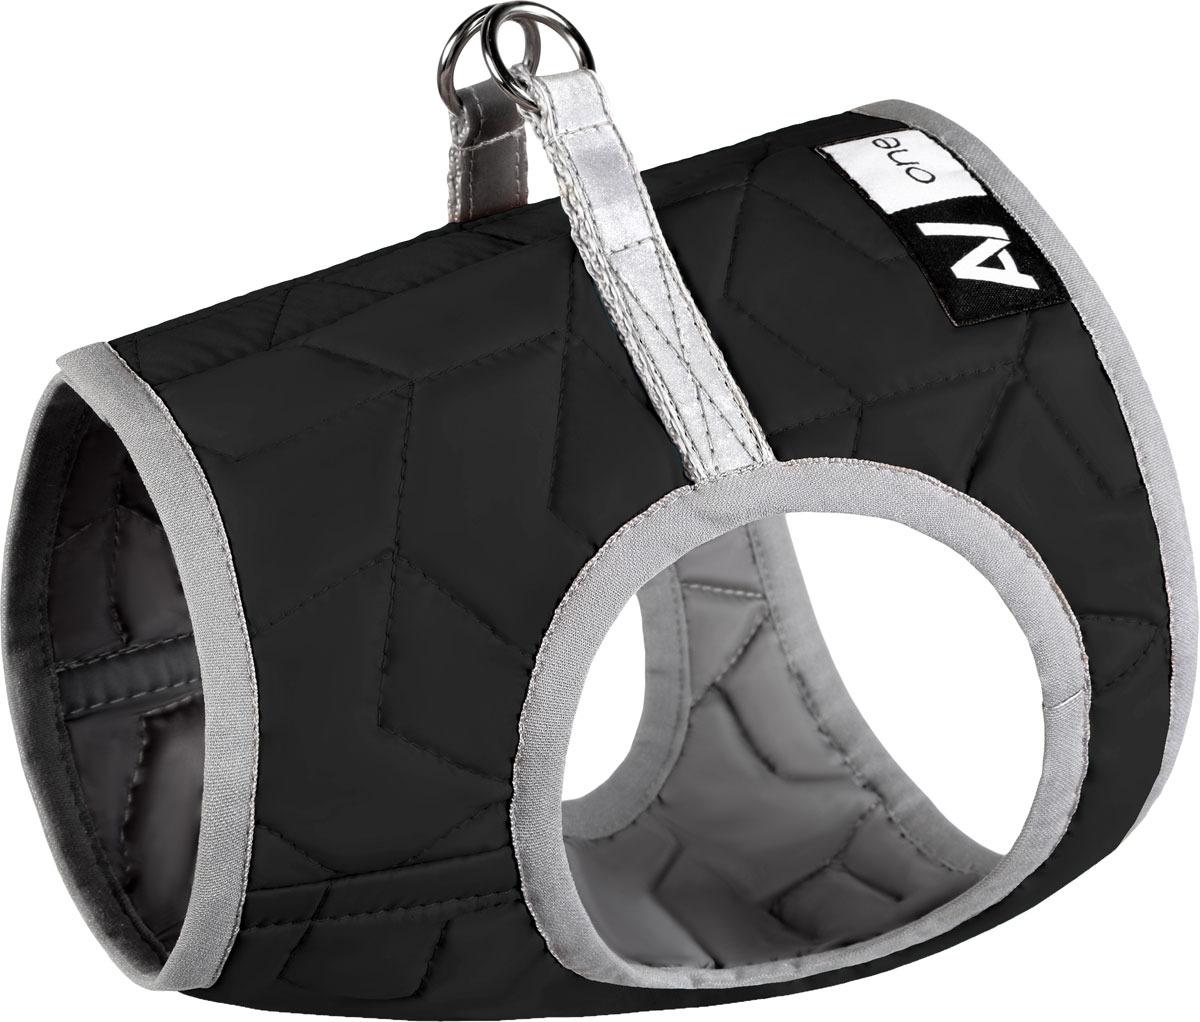 Шлейка для собак AiryVest One, цвет: черный. Размер S129411Шлея AiryVest One - мягкая шлея для выгула собак. Стильная и удобная шлея AiryVest One идеально подходит для мелких пород собак. Преимущества: - Мягкая и легкая, но при этом надежная и эргономичная шлея не сковывает движения животного, обеспечивает равномерную нагрузку при рывке. - Инновационная липучка, выполняющая роль застежки, не цепляется за собачью шерсть! Это делает процессы одевания/раздевания и носки абсолютно безболезненными для животного. - Светоотражающие элементы на спине обеспечивают безопасность собаки в темное время суток.